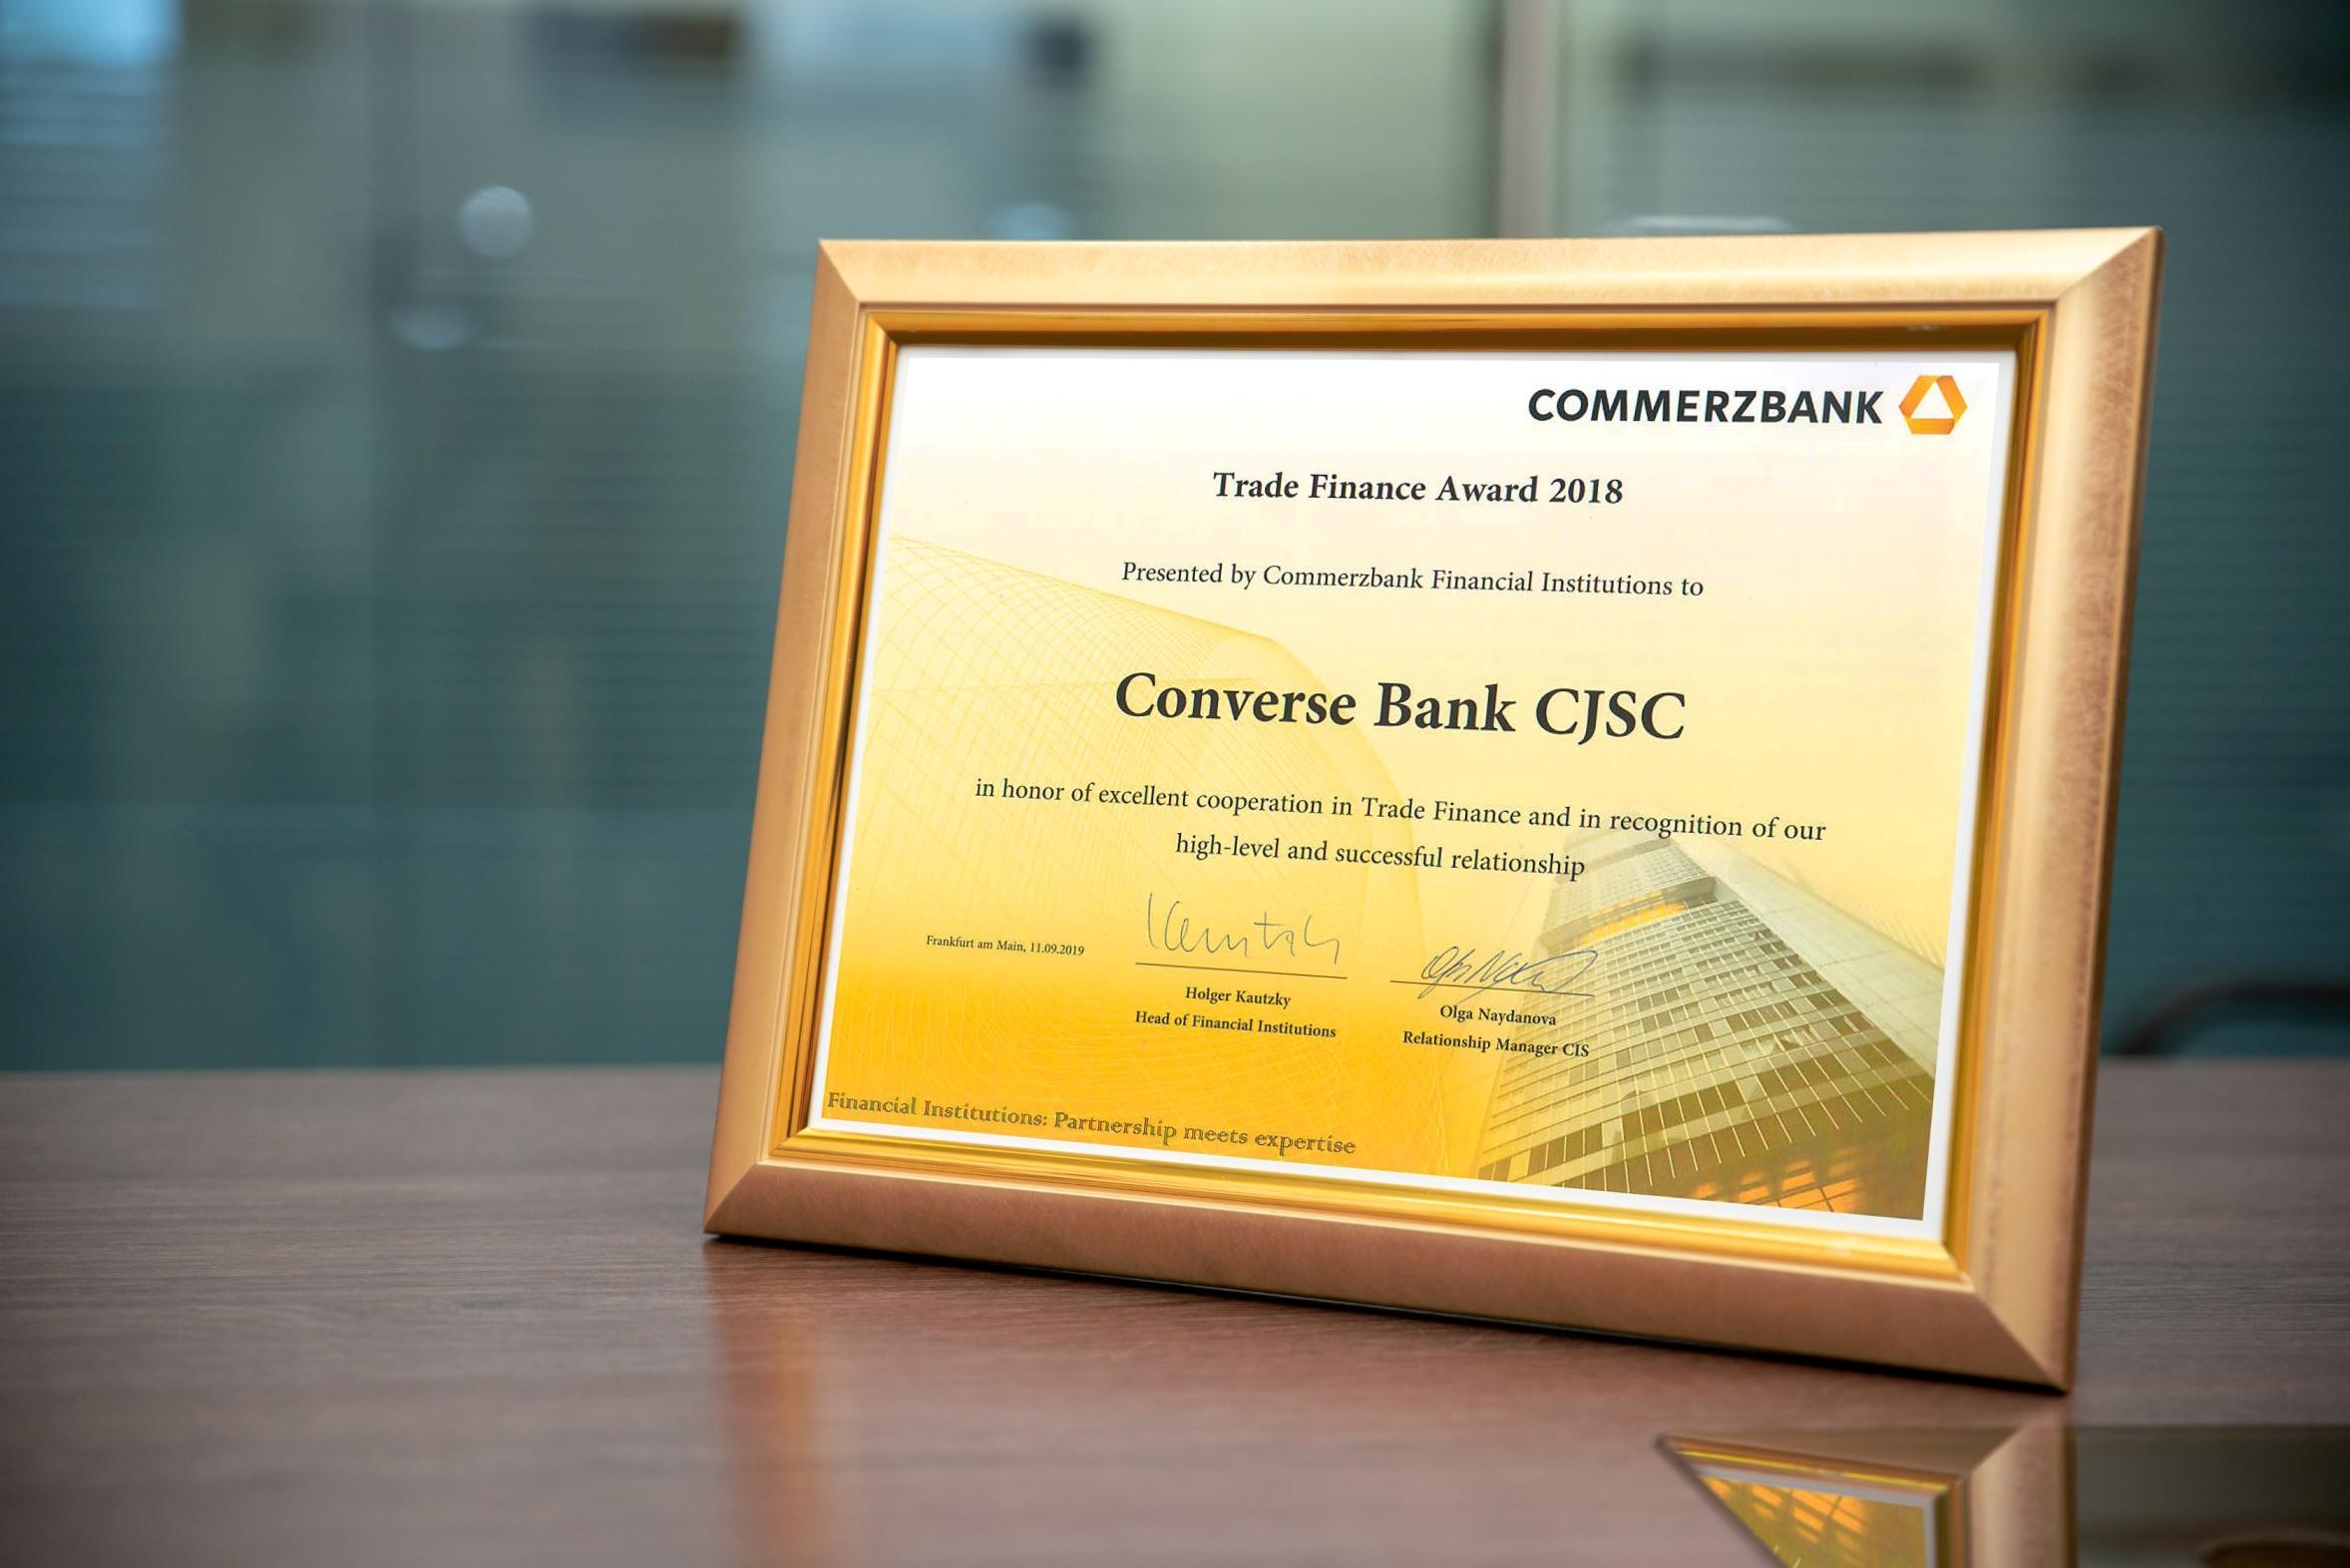 «Trade Finance Award 2018». Կոնվերս Բանկի երրորդ հեղինակավոր մրցանակը 2019թ.-ին